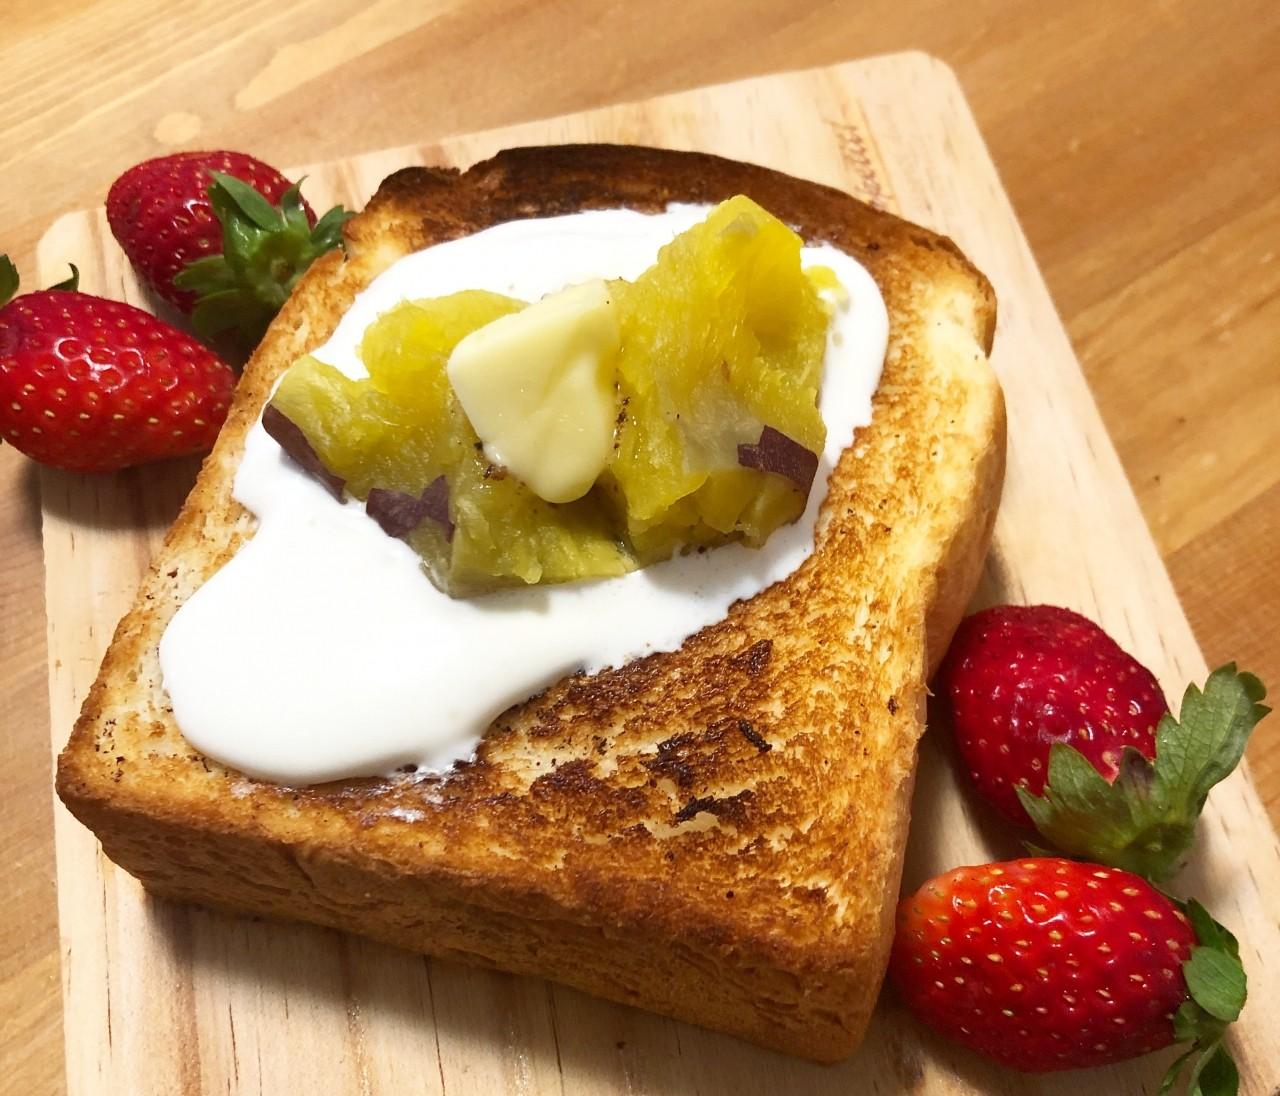 【おうちレシピ】LeBRESSOの食パンを簡単食パンアレンジ